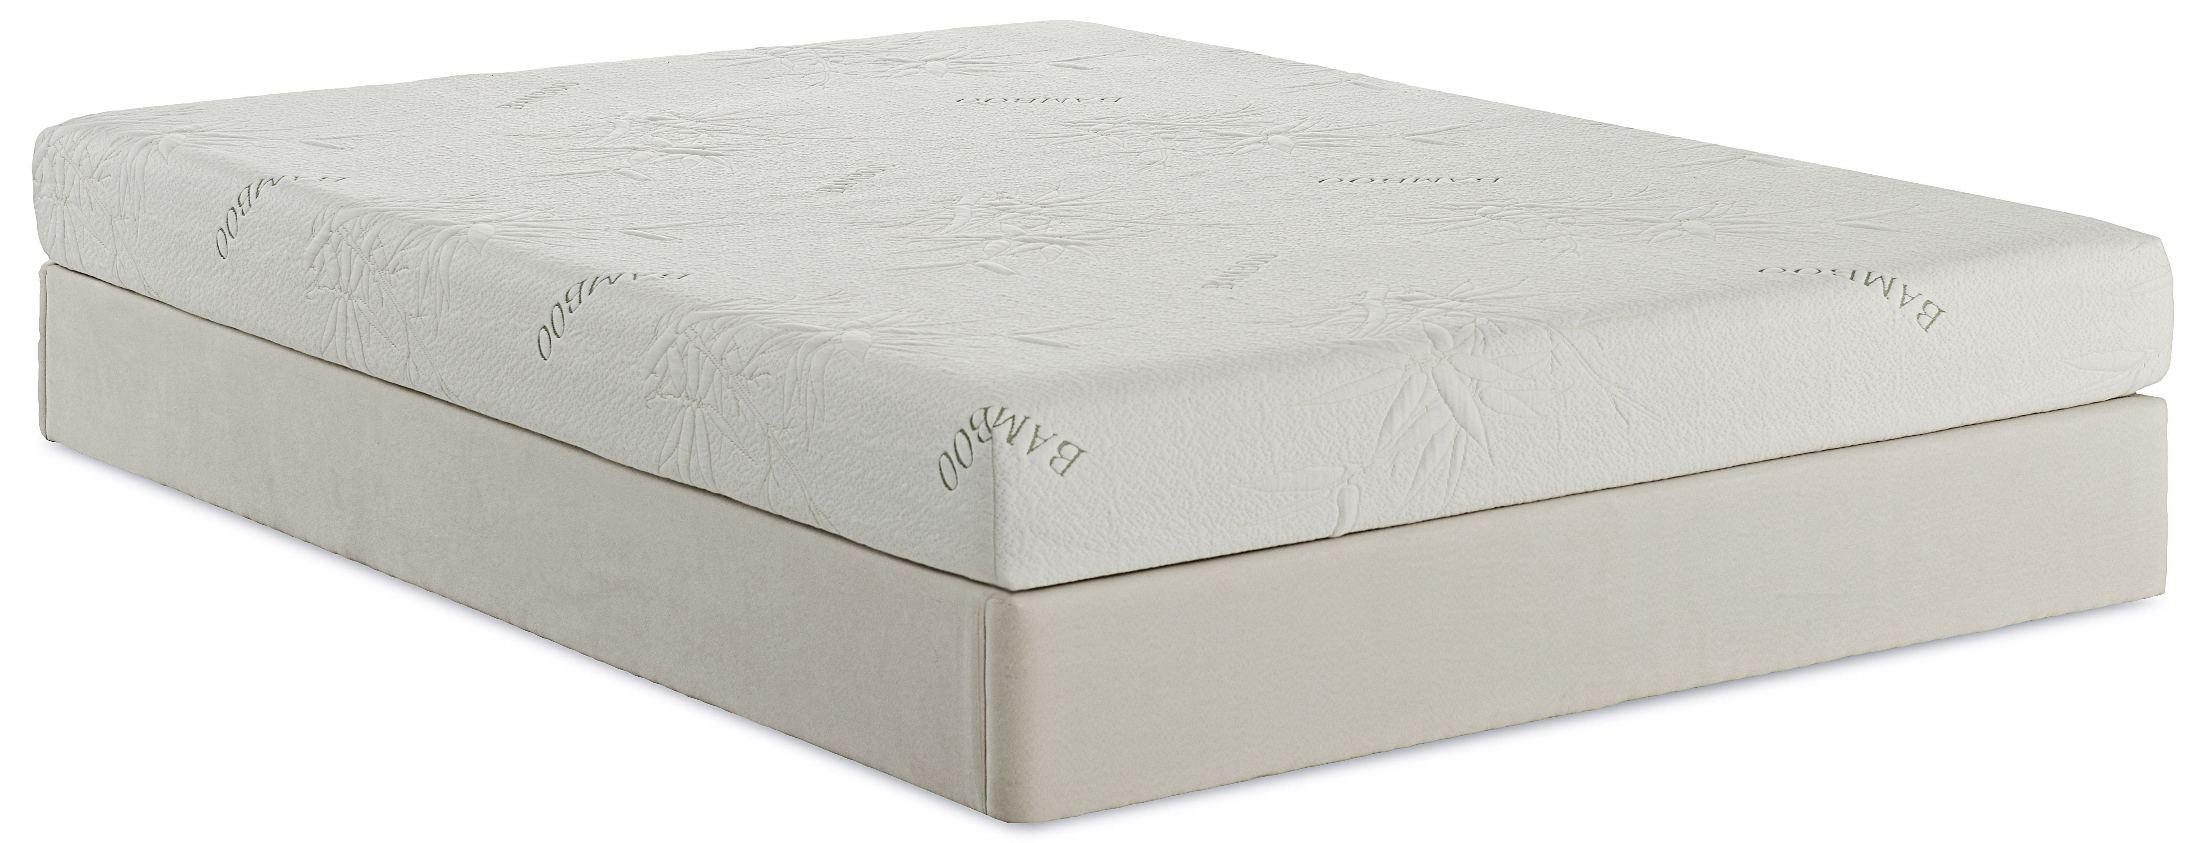 Fairfax 7 Puregel Cal King Mattress Faircak 012013364741 Klaussner